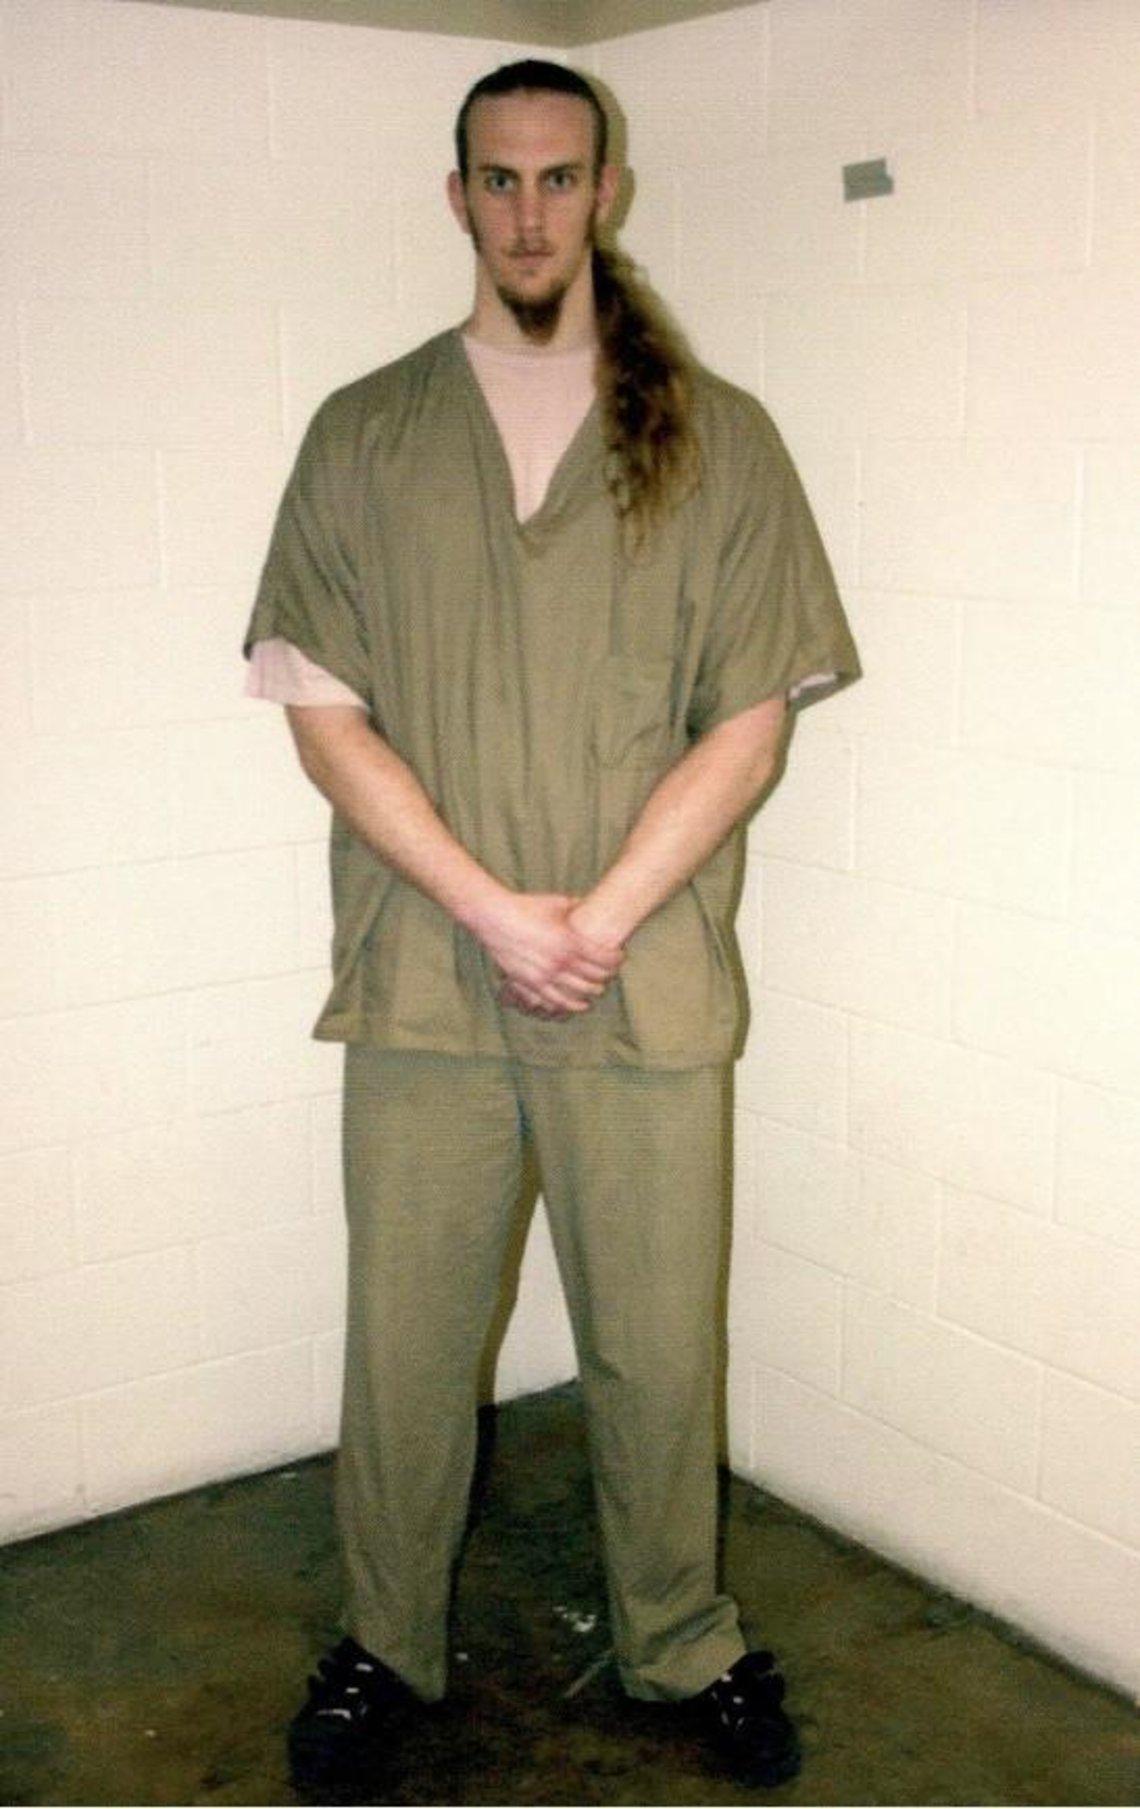 Stephen Watt at SeaTac Federal Detention Center in 2011.